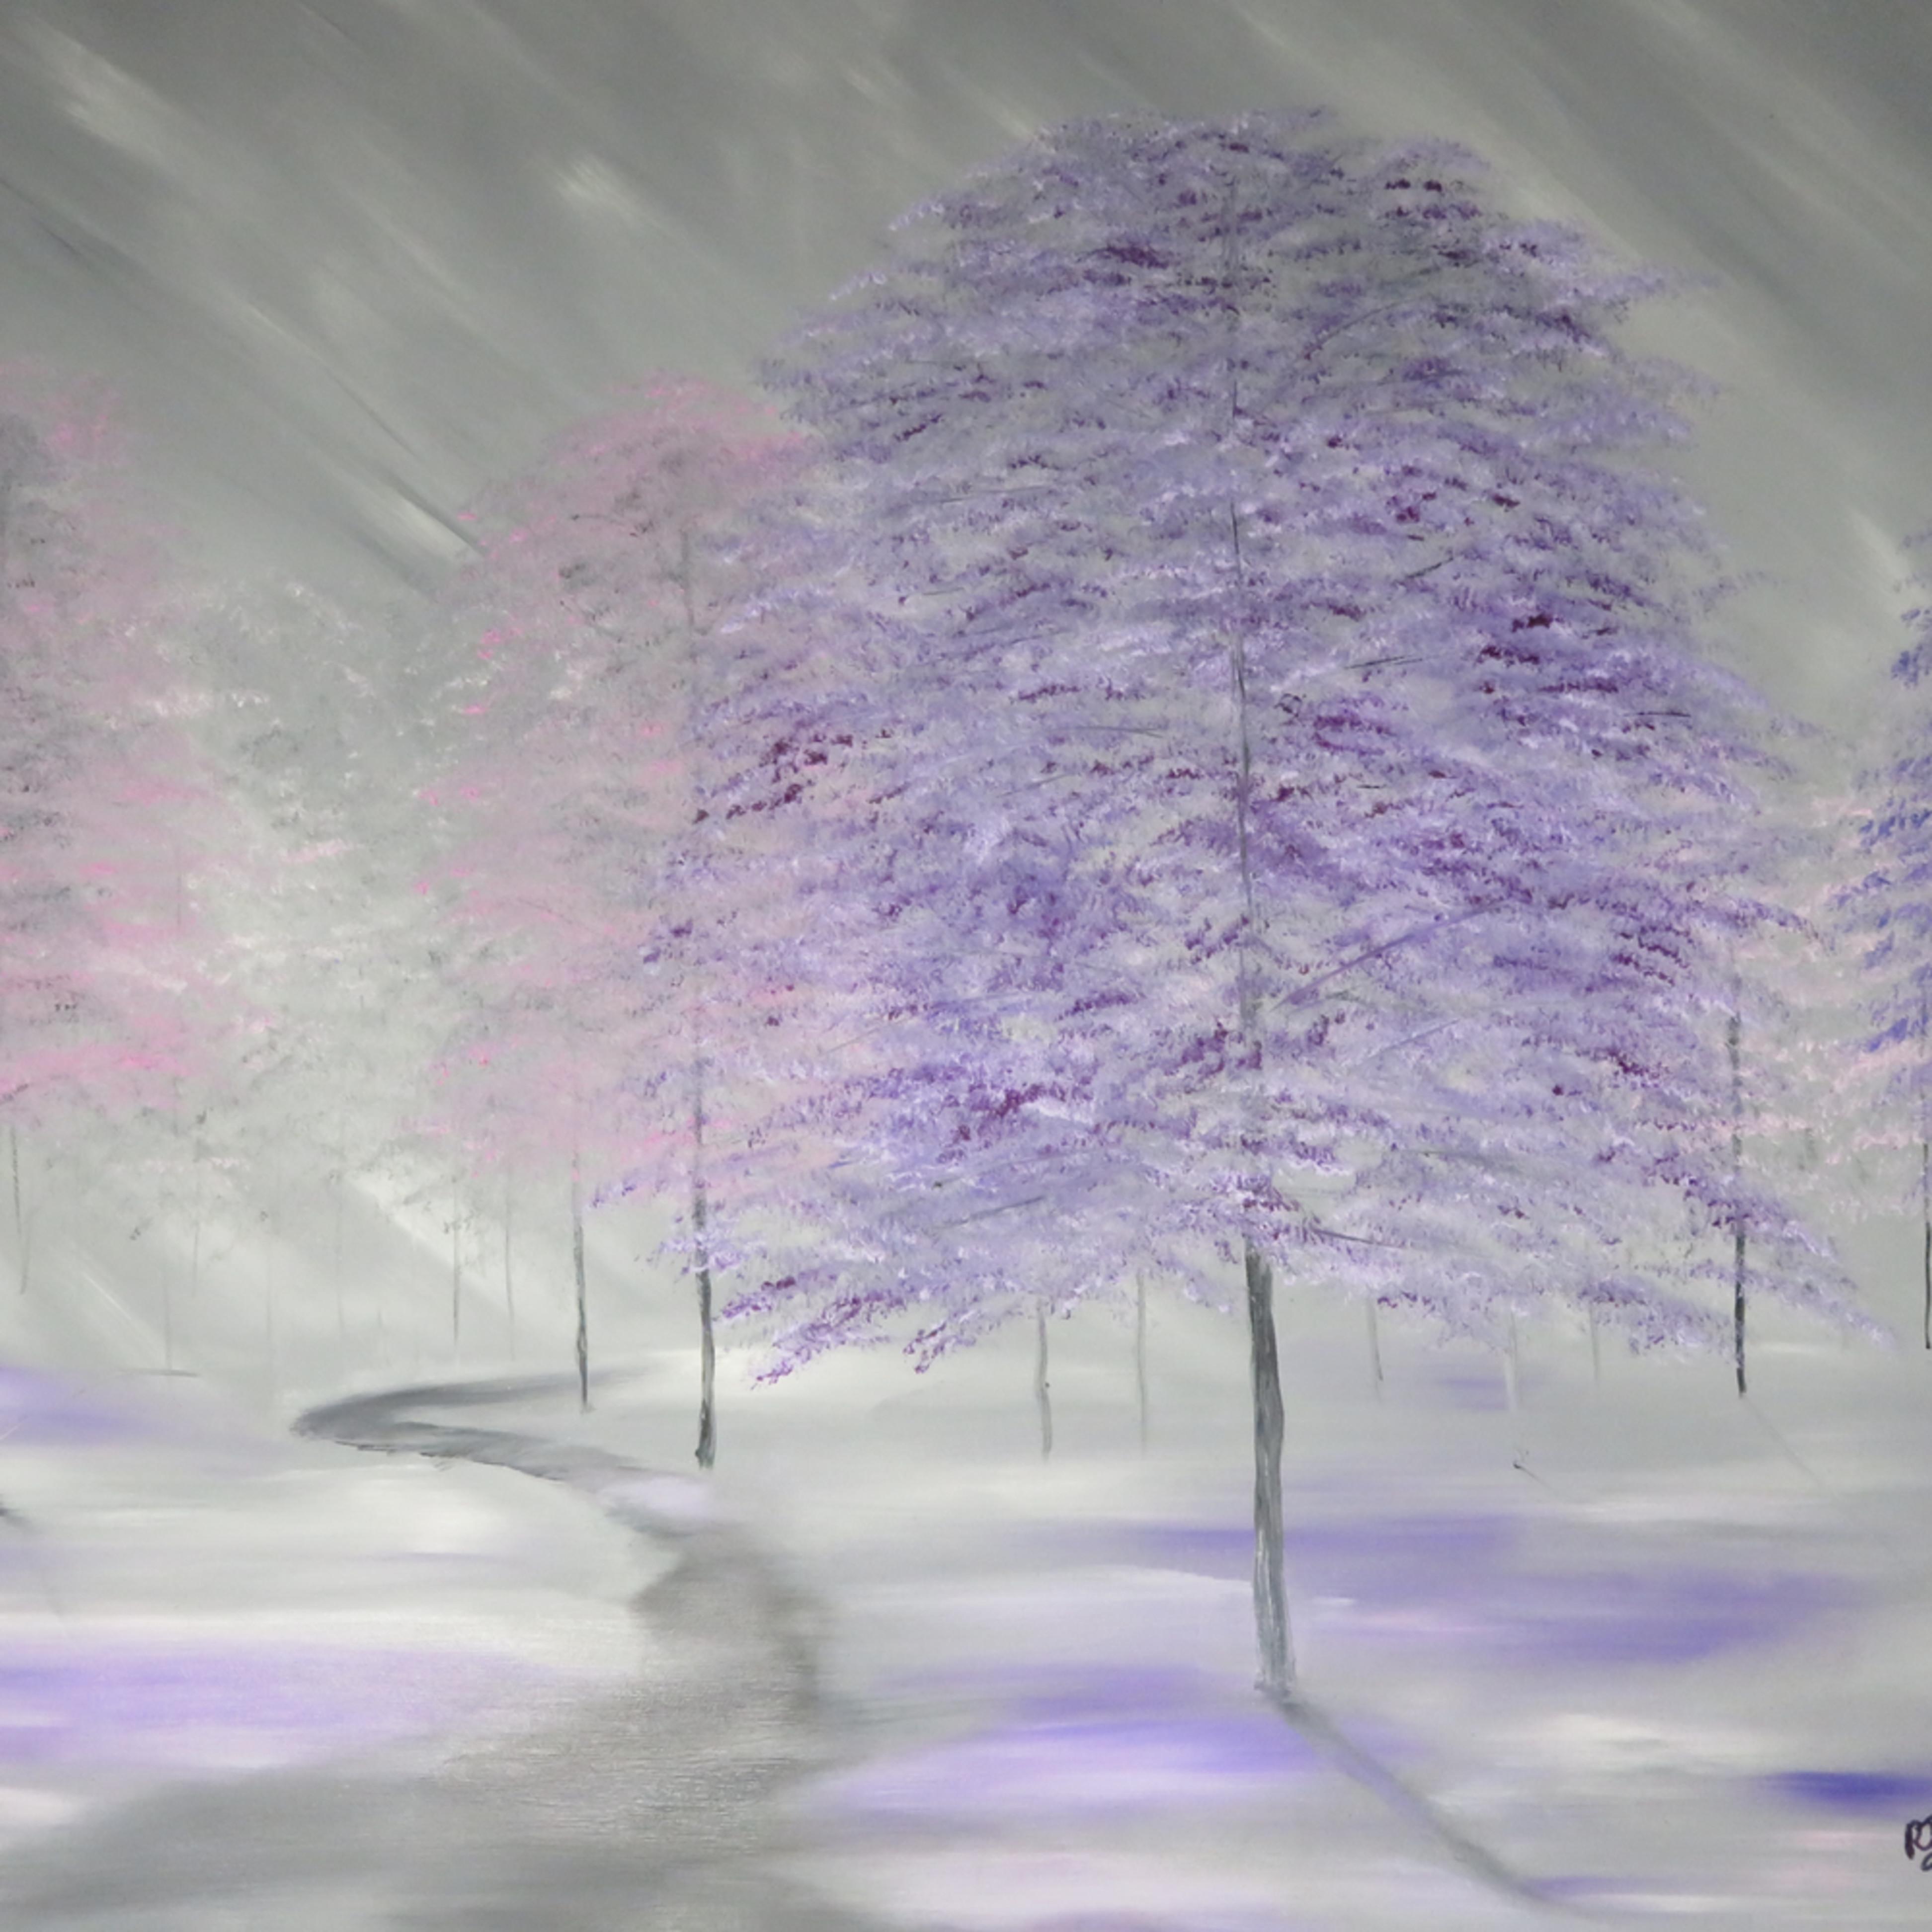 Mystical lavender nzdexg